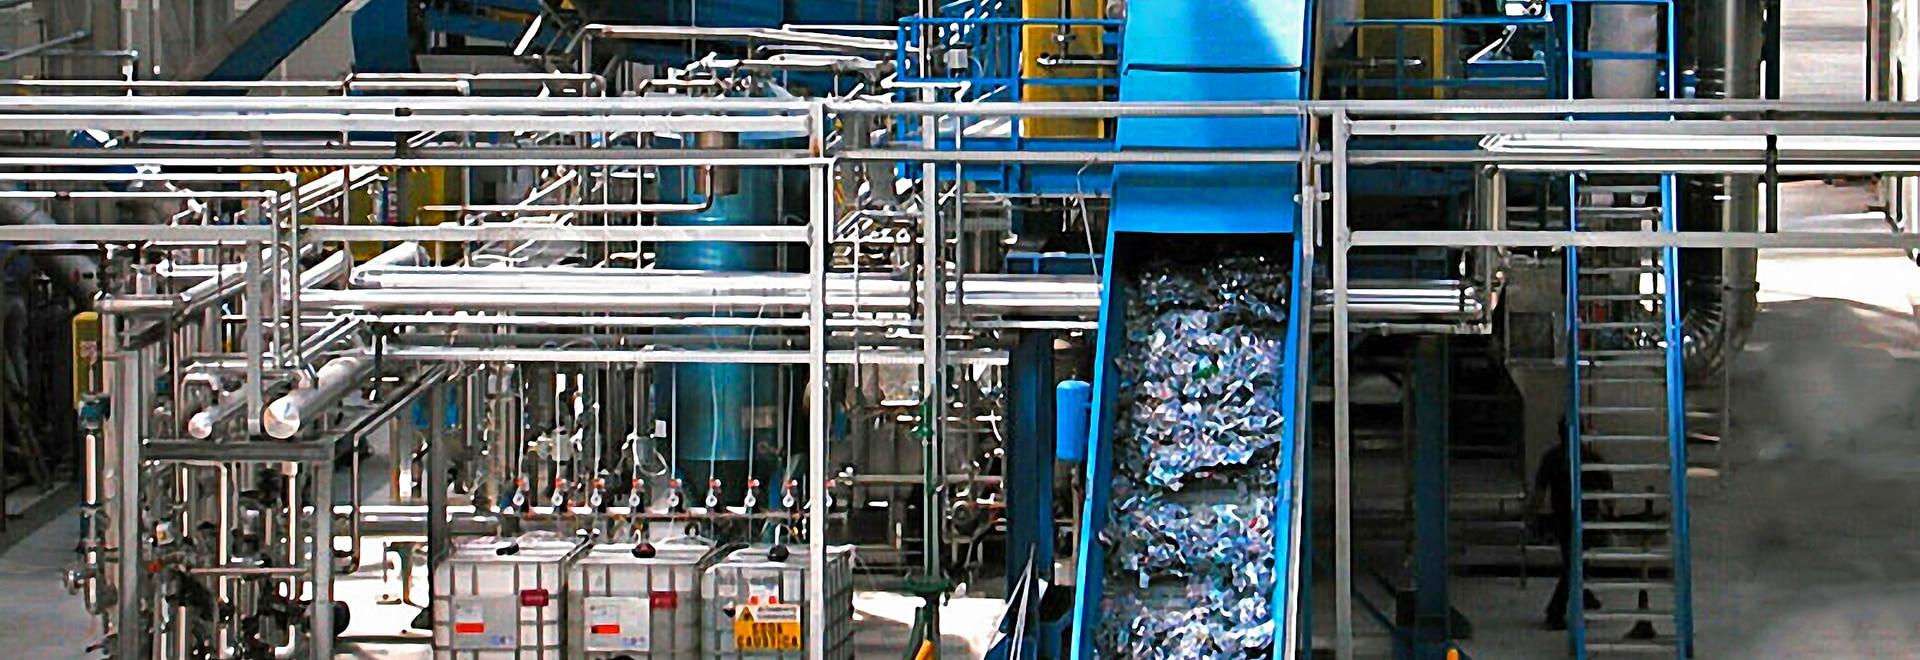 Las bombas de Bredel entregan la mejora del 25% para procesar uptime y contribuyen a las emisiones de CO2 reducidas en la planta orgánica italiana del reciclaje de residuos